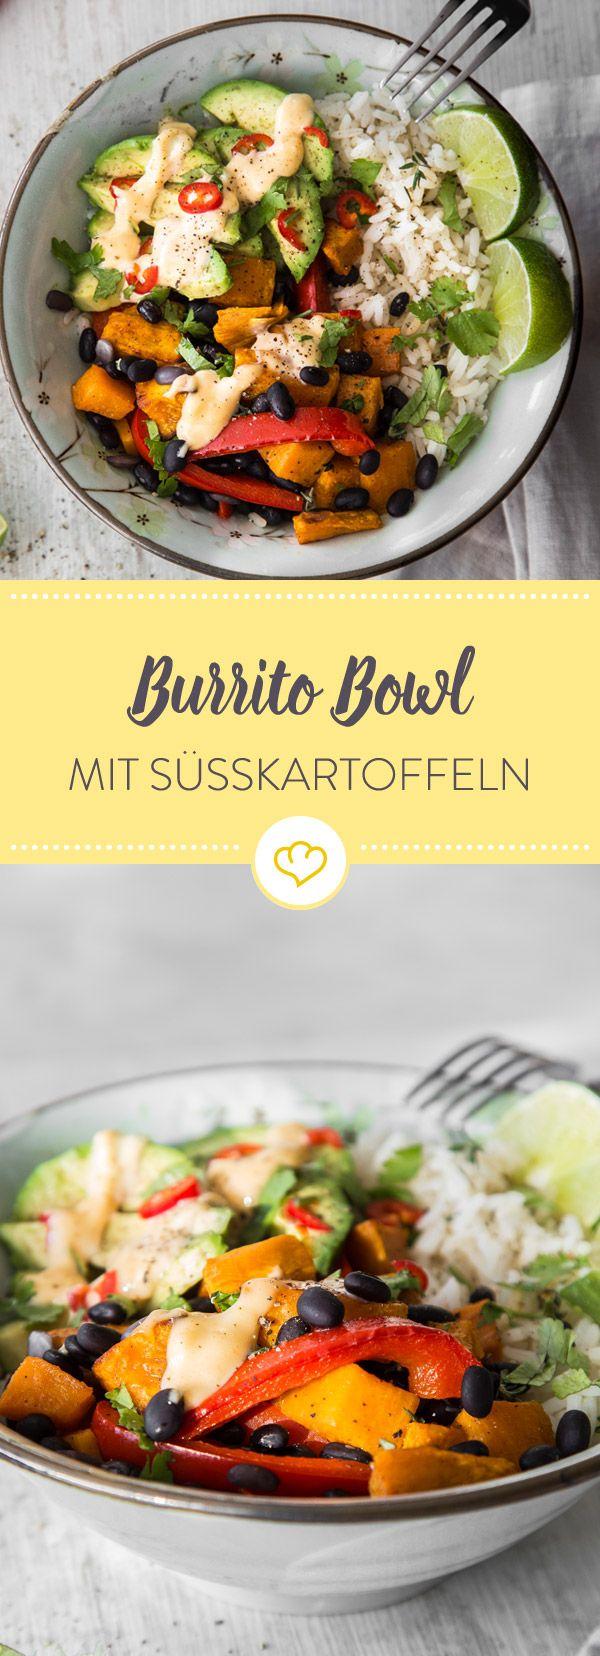 In diese Veggie Burrito Bowl kommen zu Reis, Avocado und schwarzen Bohnen, noch Paprika und Süßkartoffeln und ein Limetten-Mayo-Dressing . Einfach köstlich!